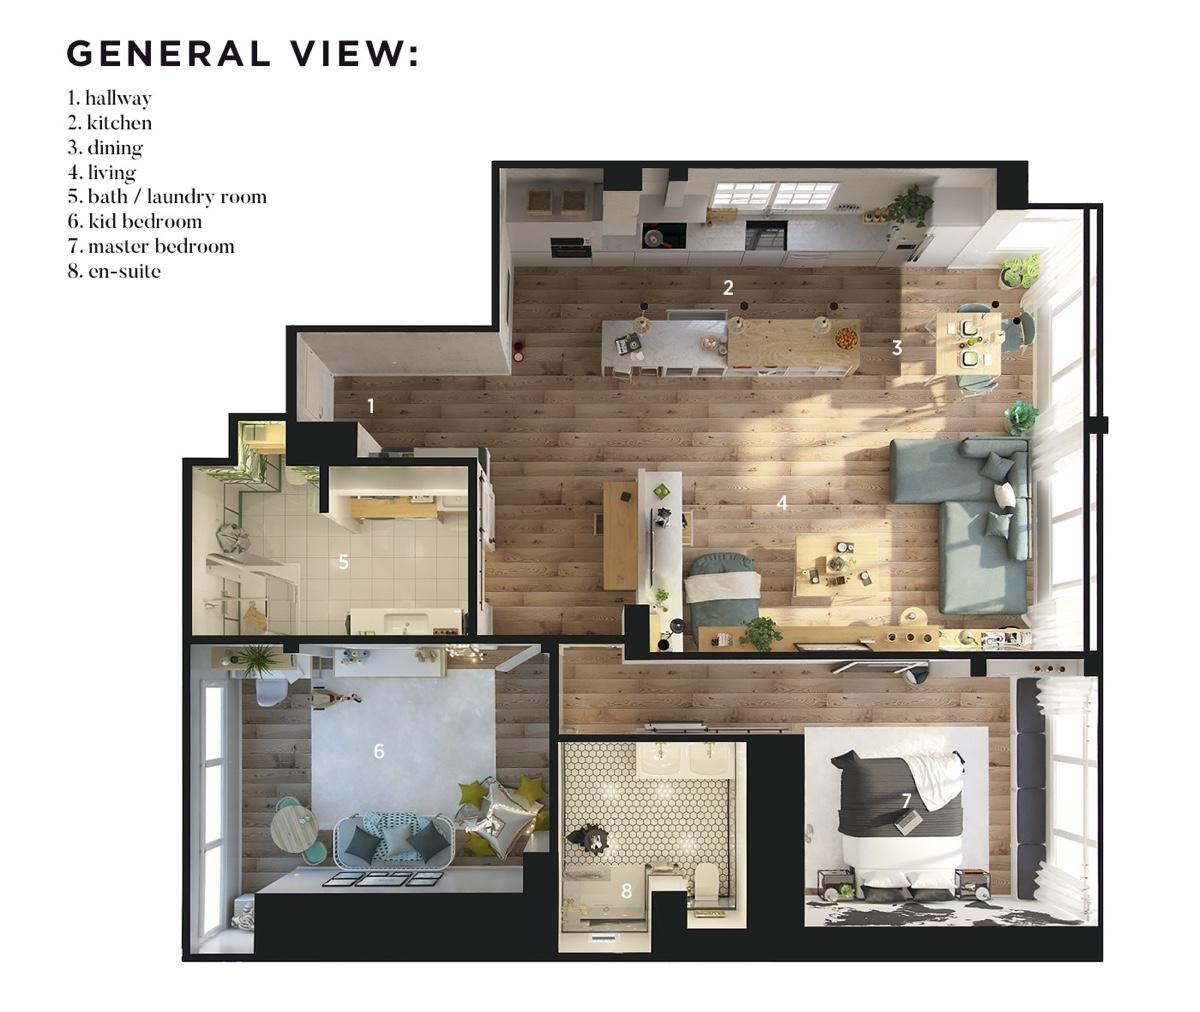 Ý tưởng nội thất căn hộ chung cư 100m2 cho vợ chồng trẻ. Mô hình thiết kế